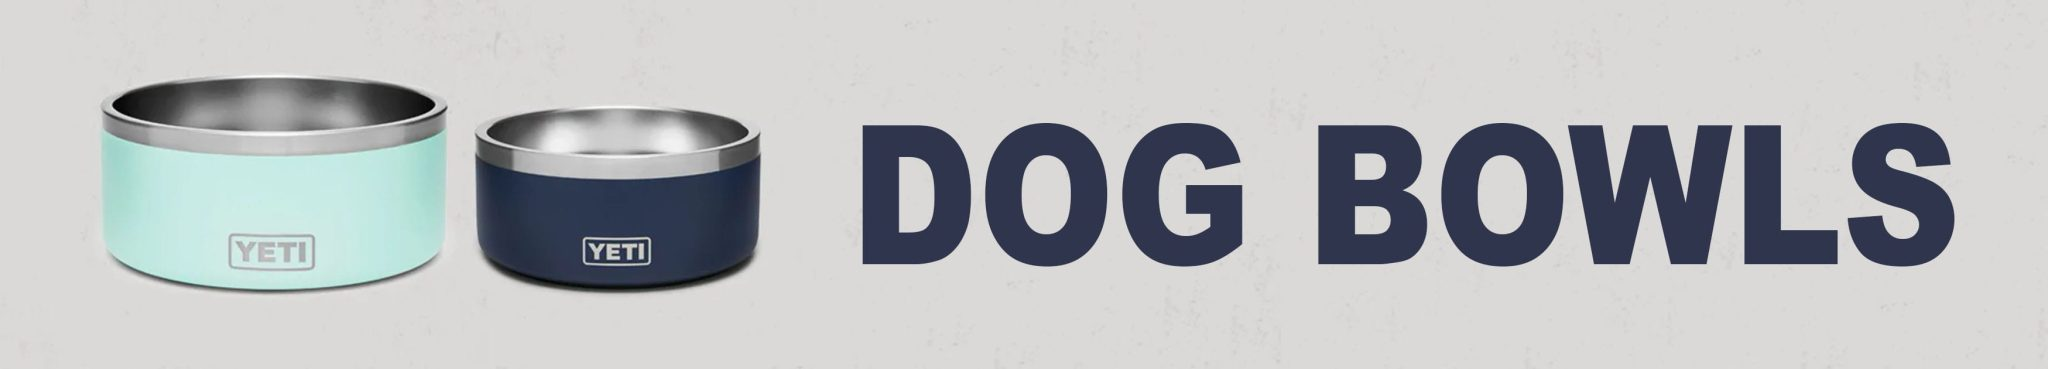 DOG BOWLS-min